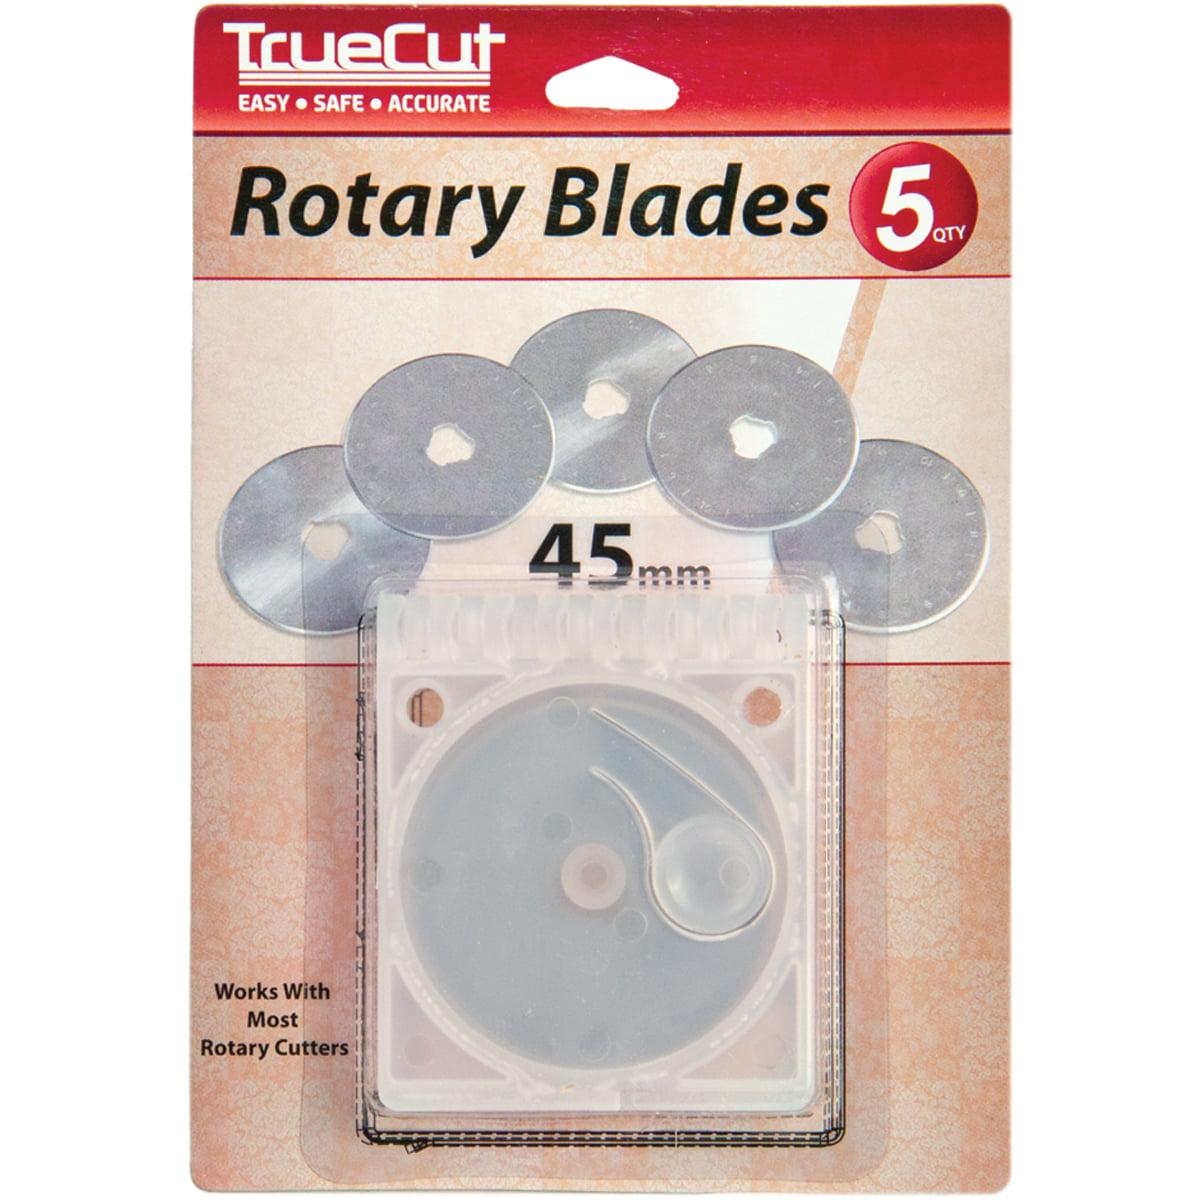 TrueCut Rotary Cutter Replacement Blades, 45mm, 5pk